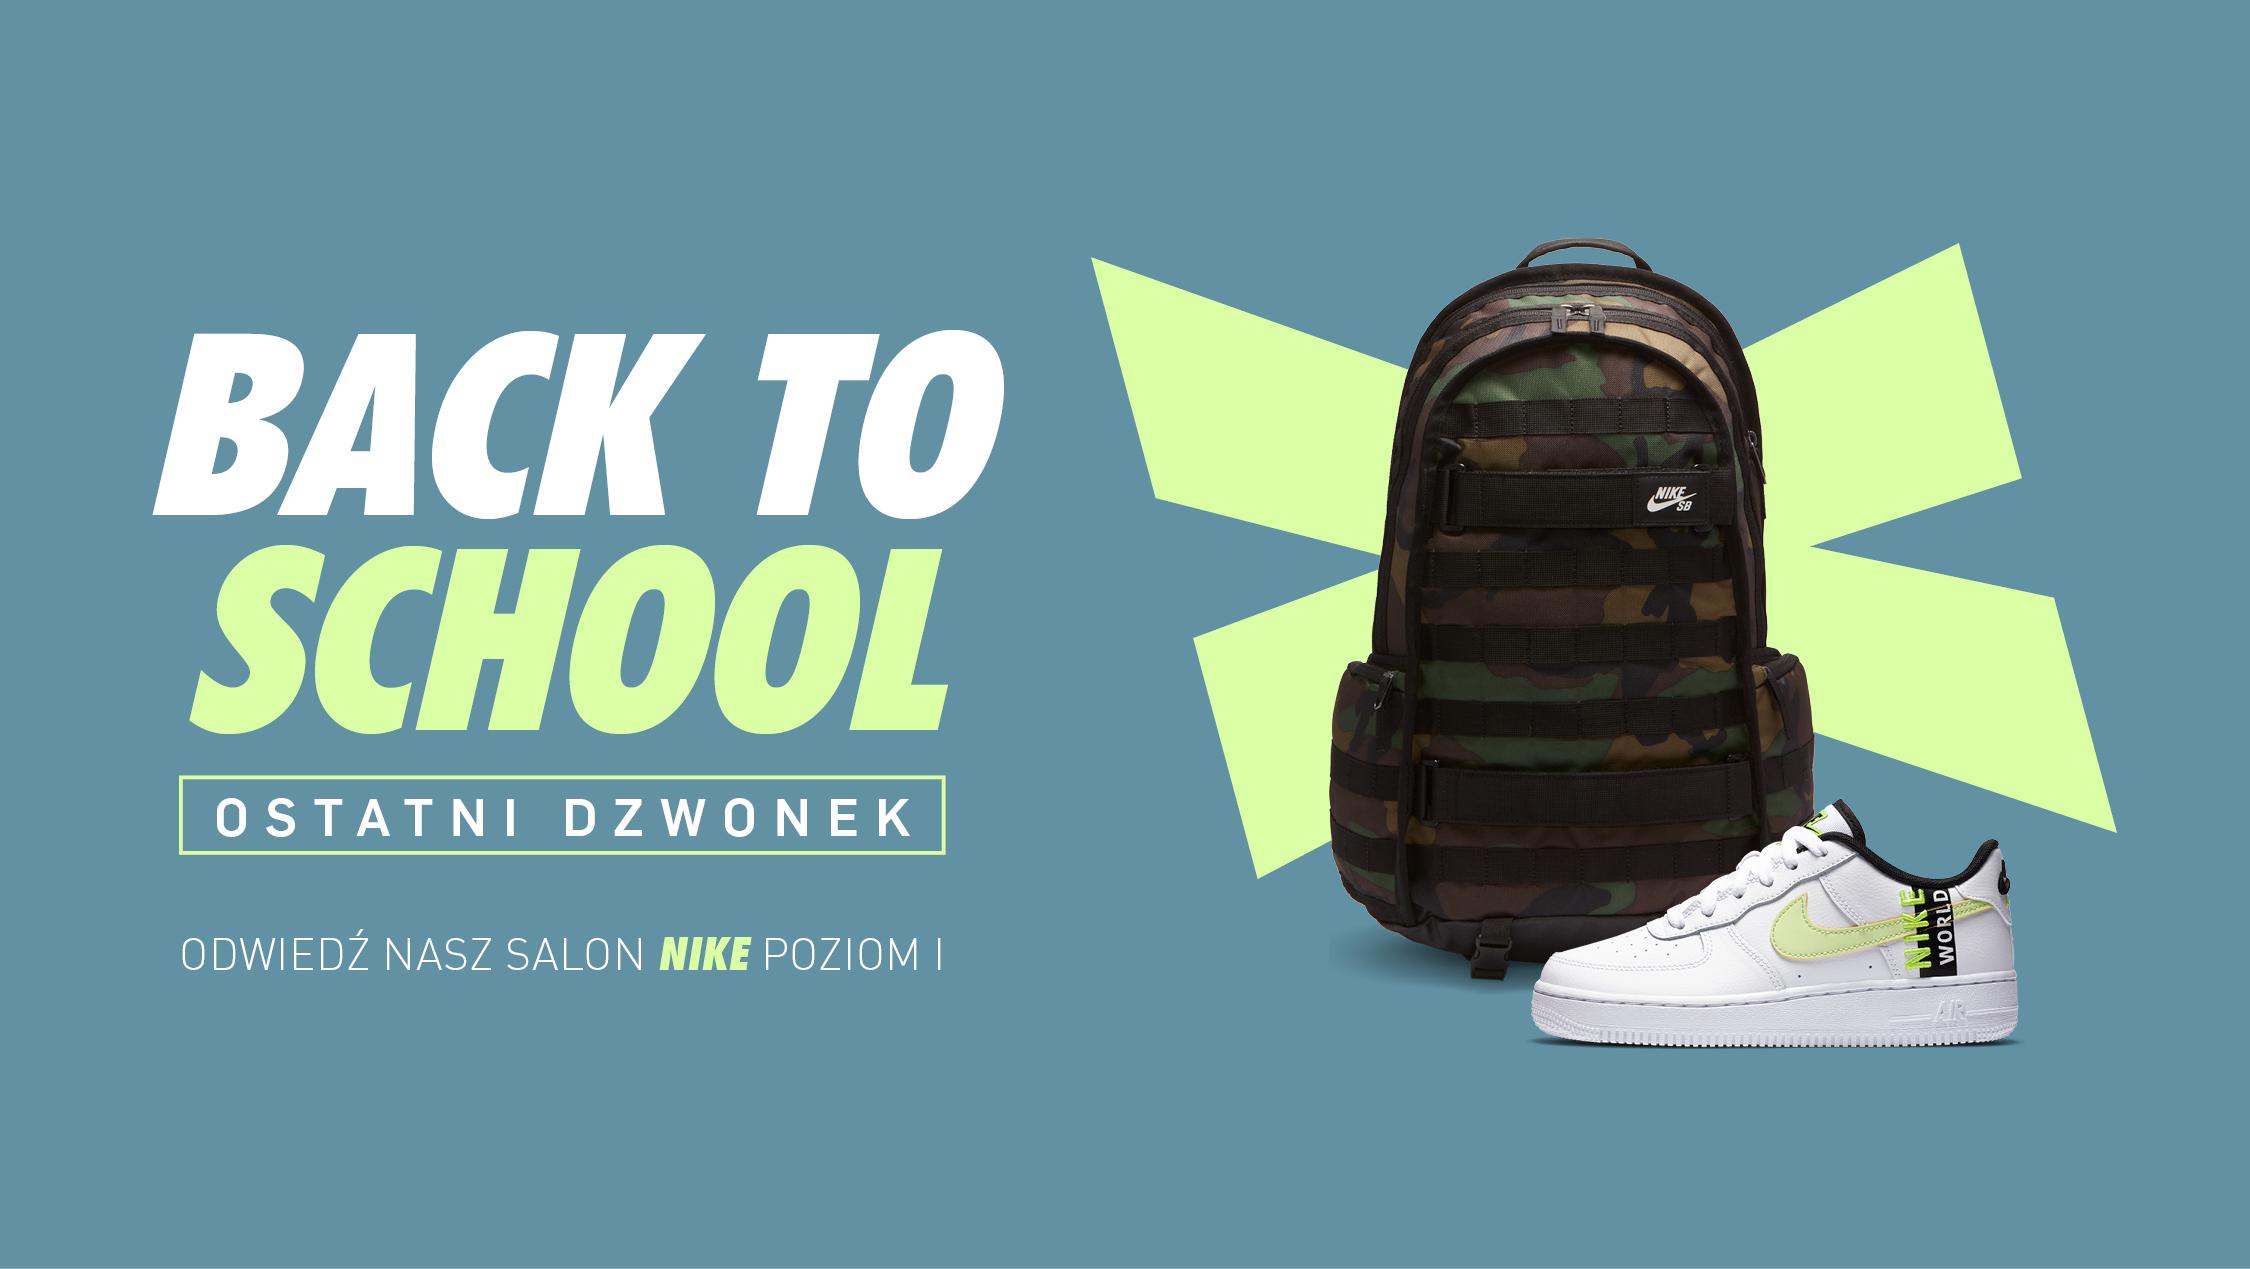 BACK TO SCHOOL: OSTATNI DZWONEK w NIKE